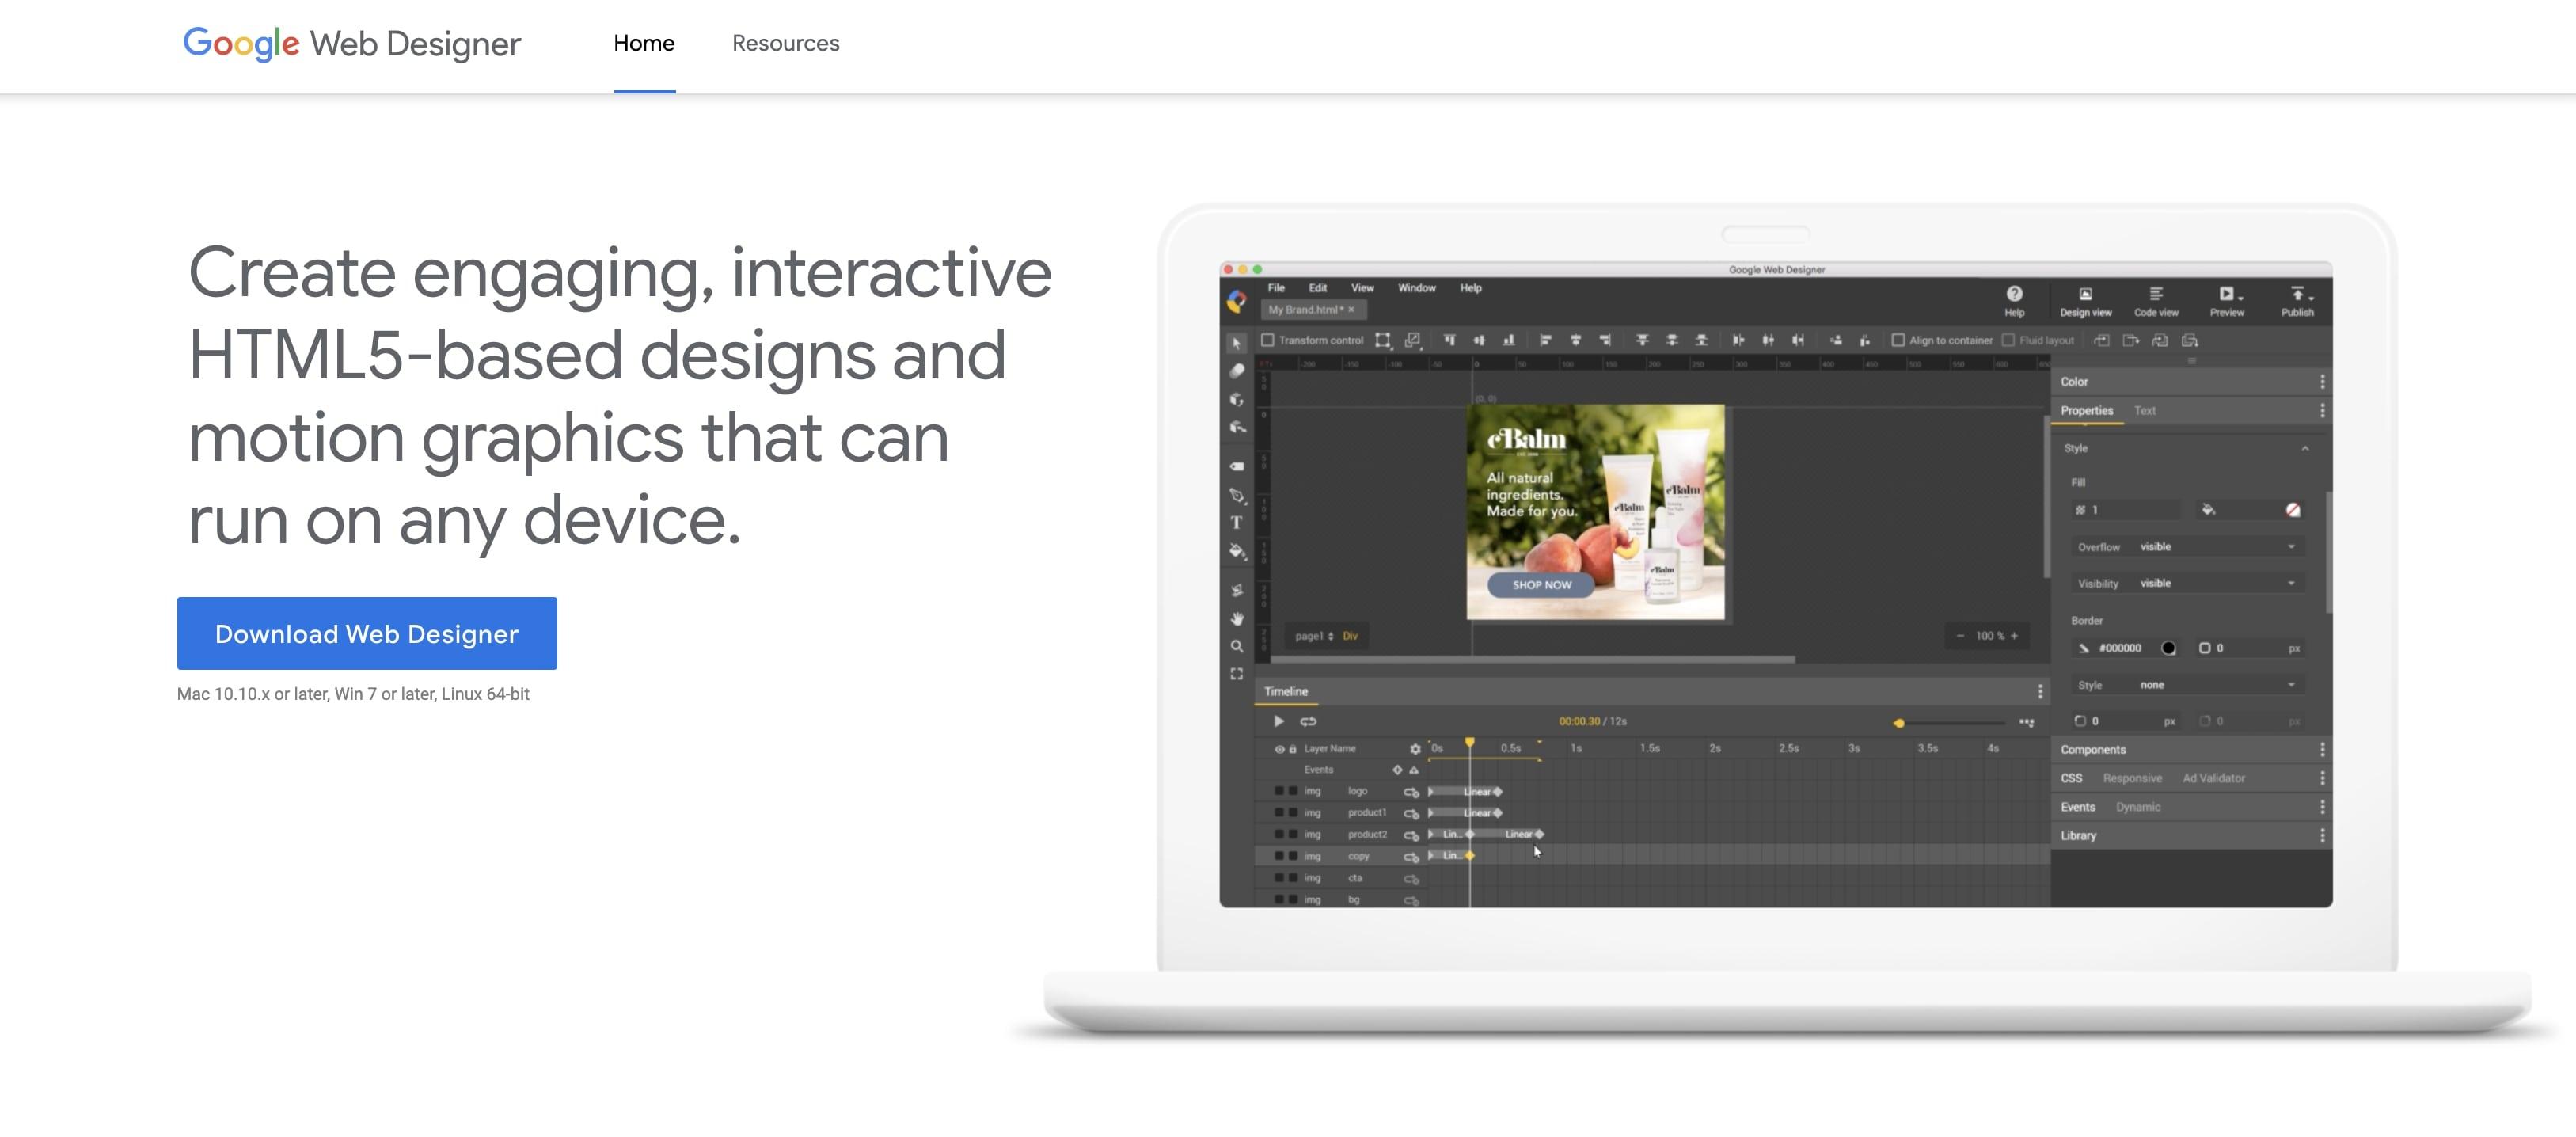 An image of the Google Web Designer website.